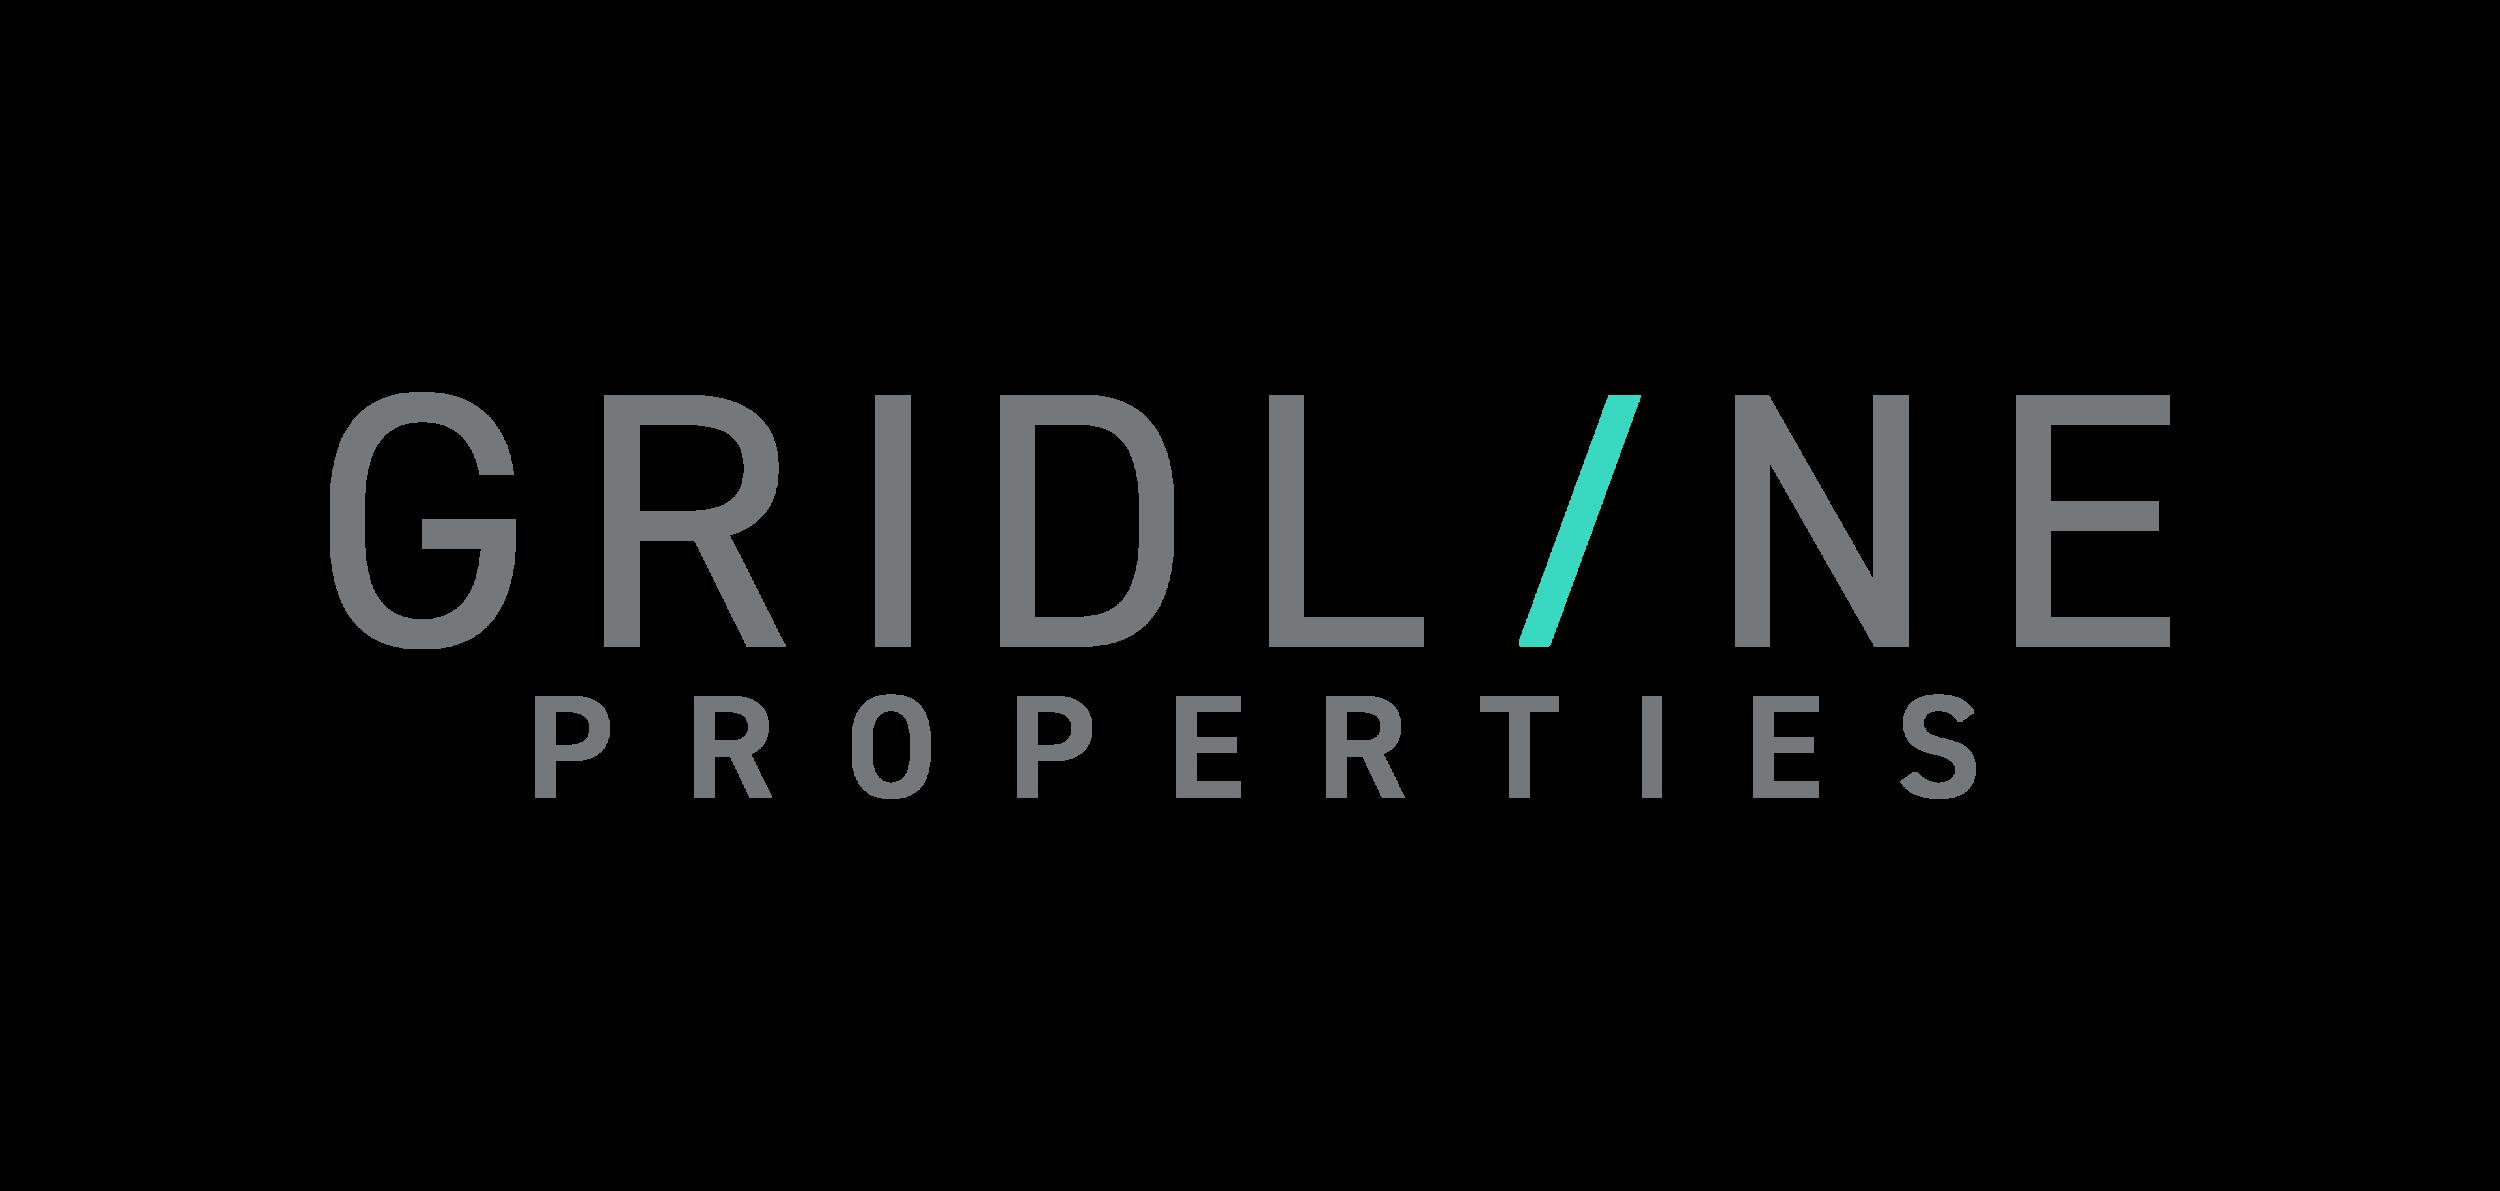 Gridline Properties